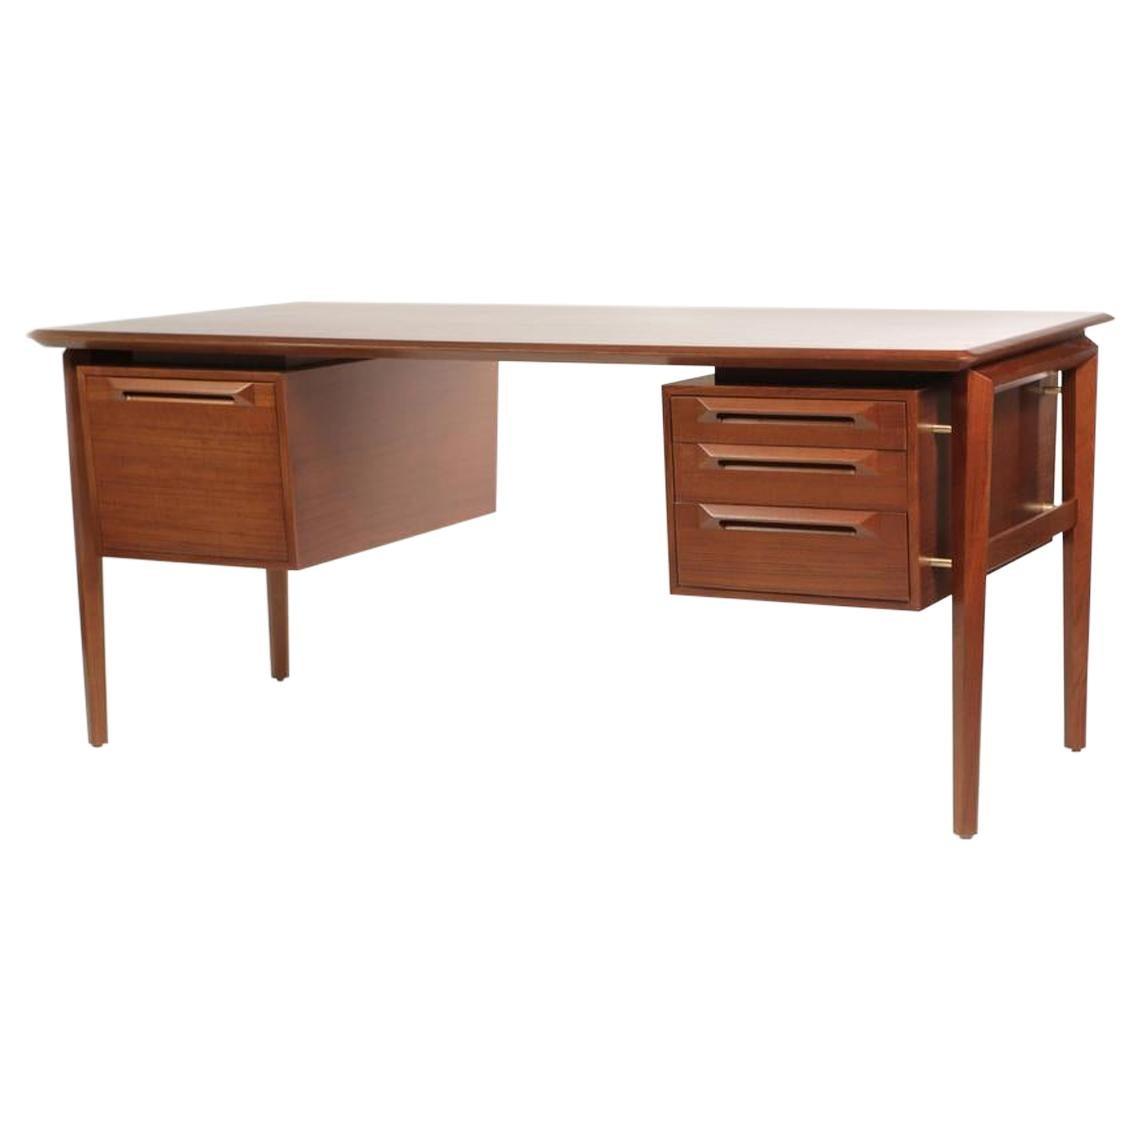 Seffle Möbelfabrik AB Desks and Writing Tables